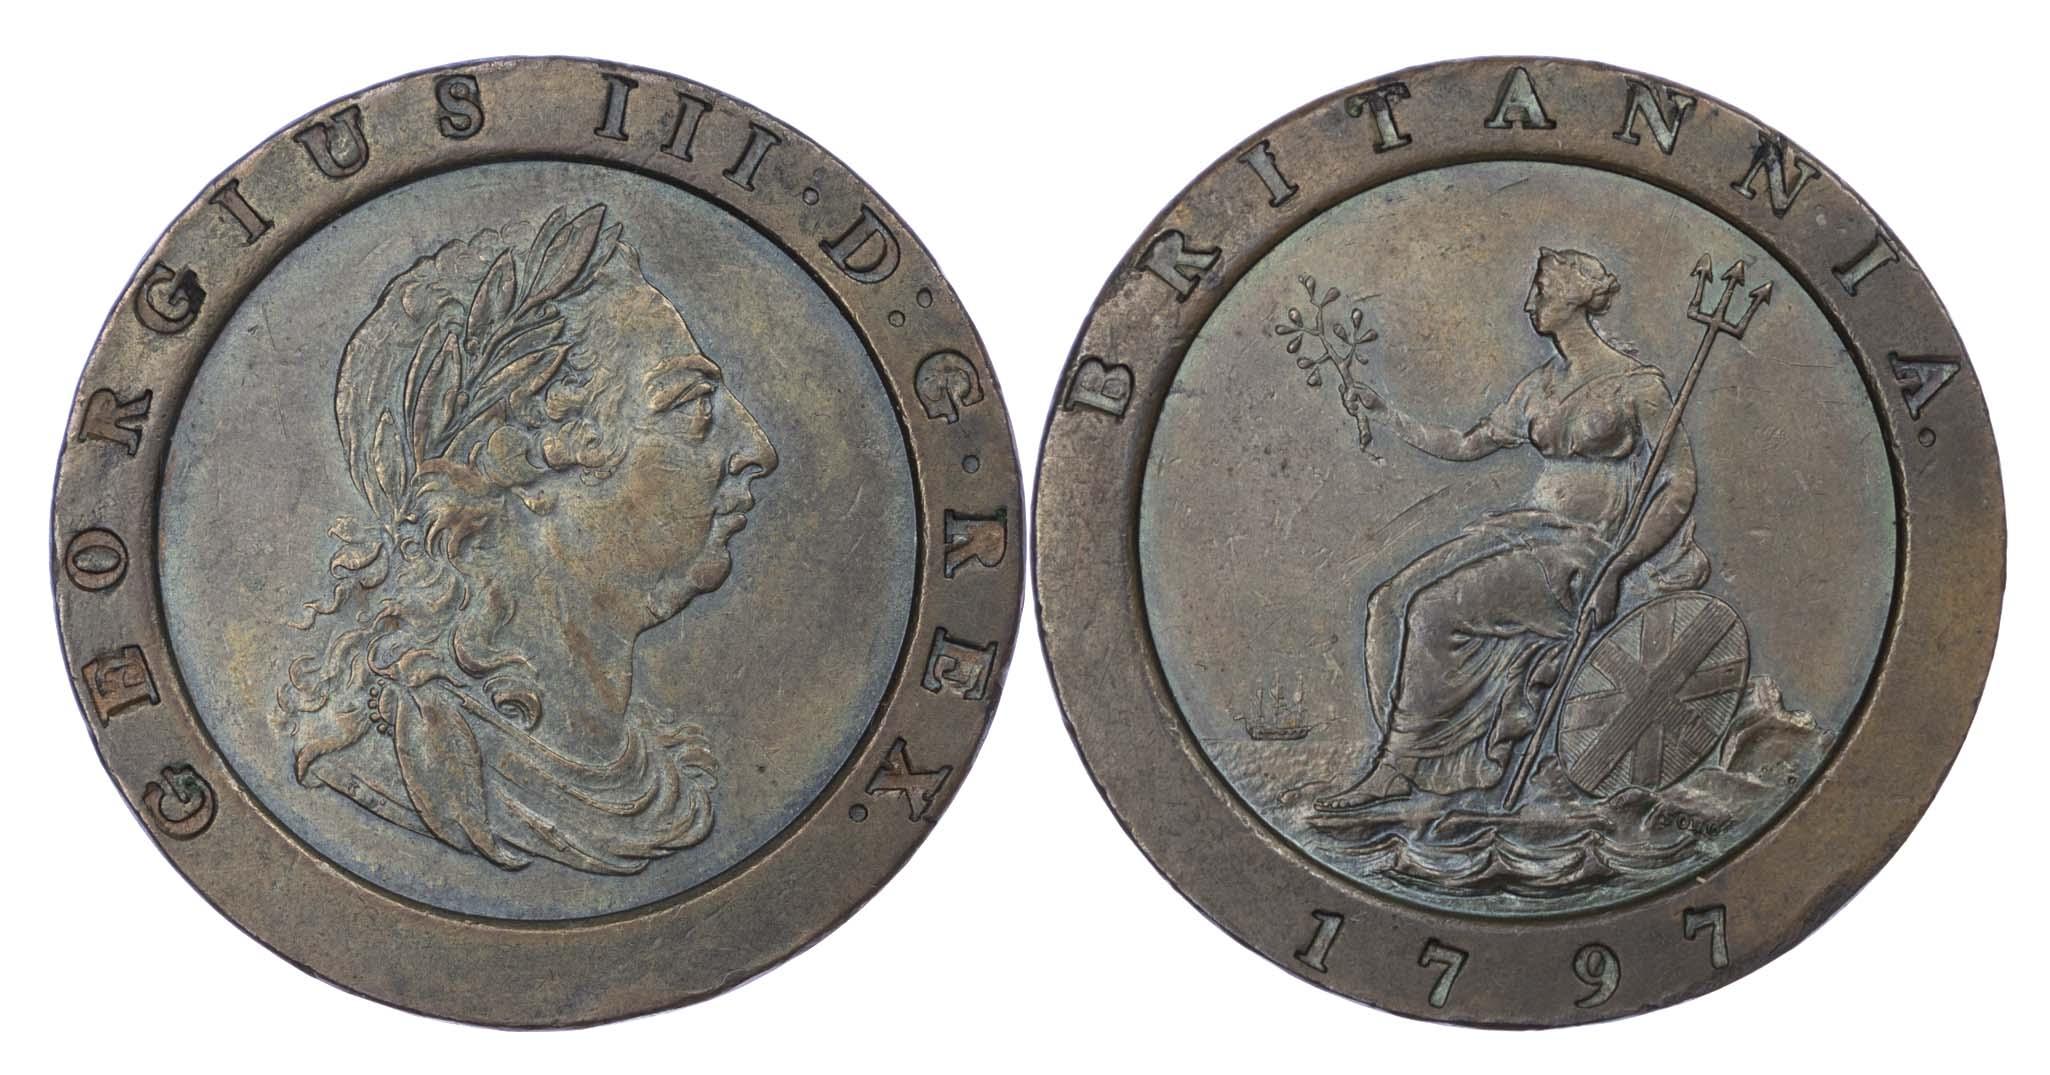 1797 George III Cartwheel Two Pence BMC 1077